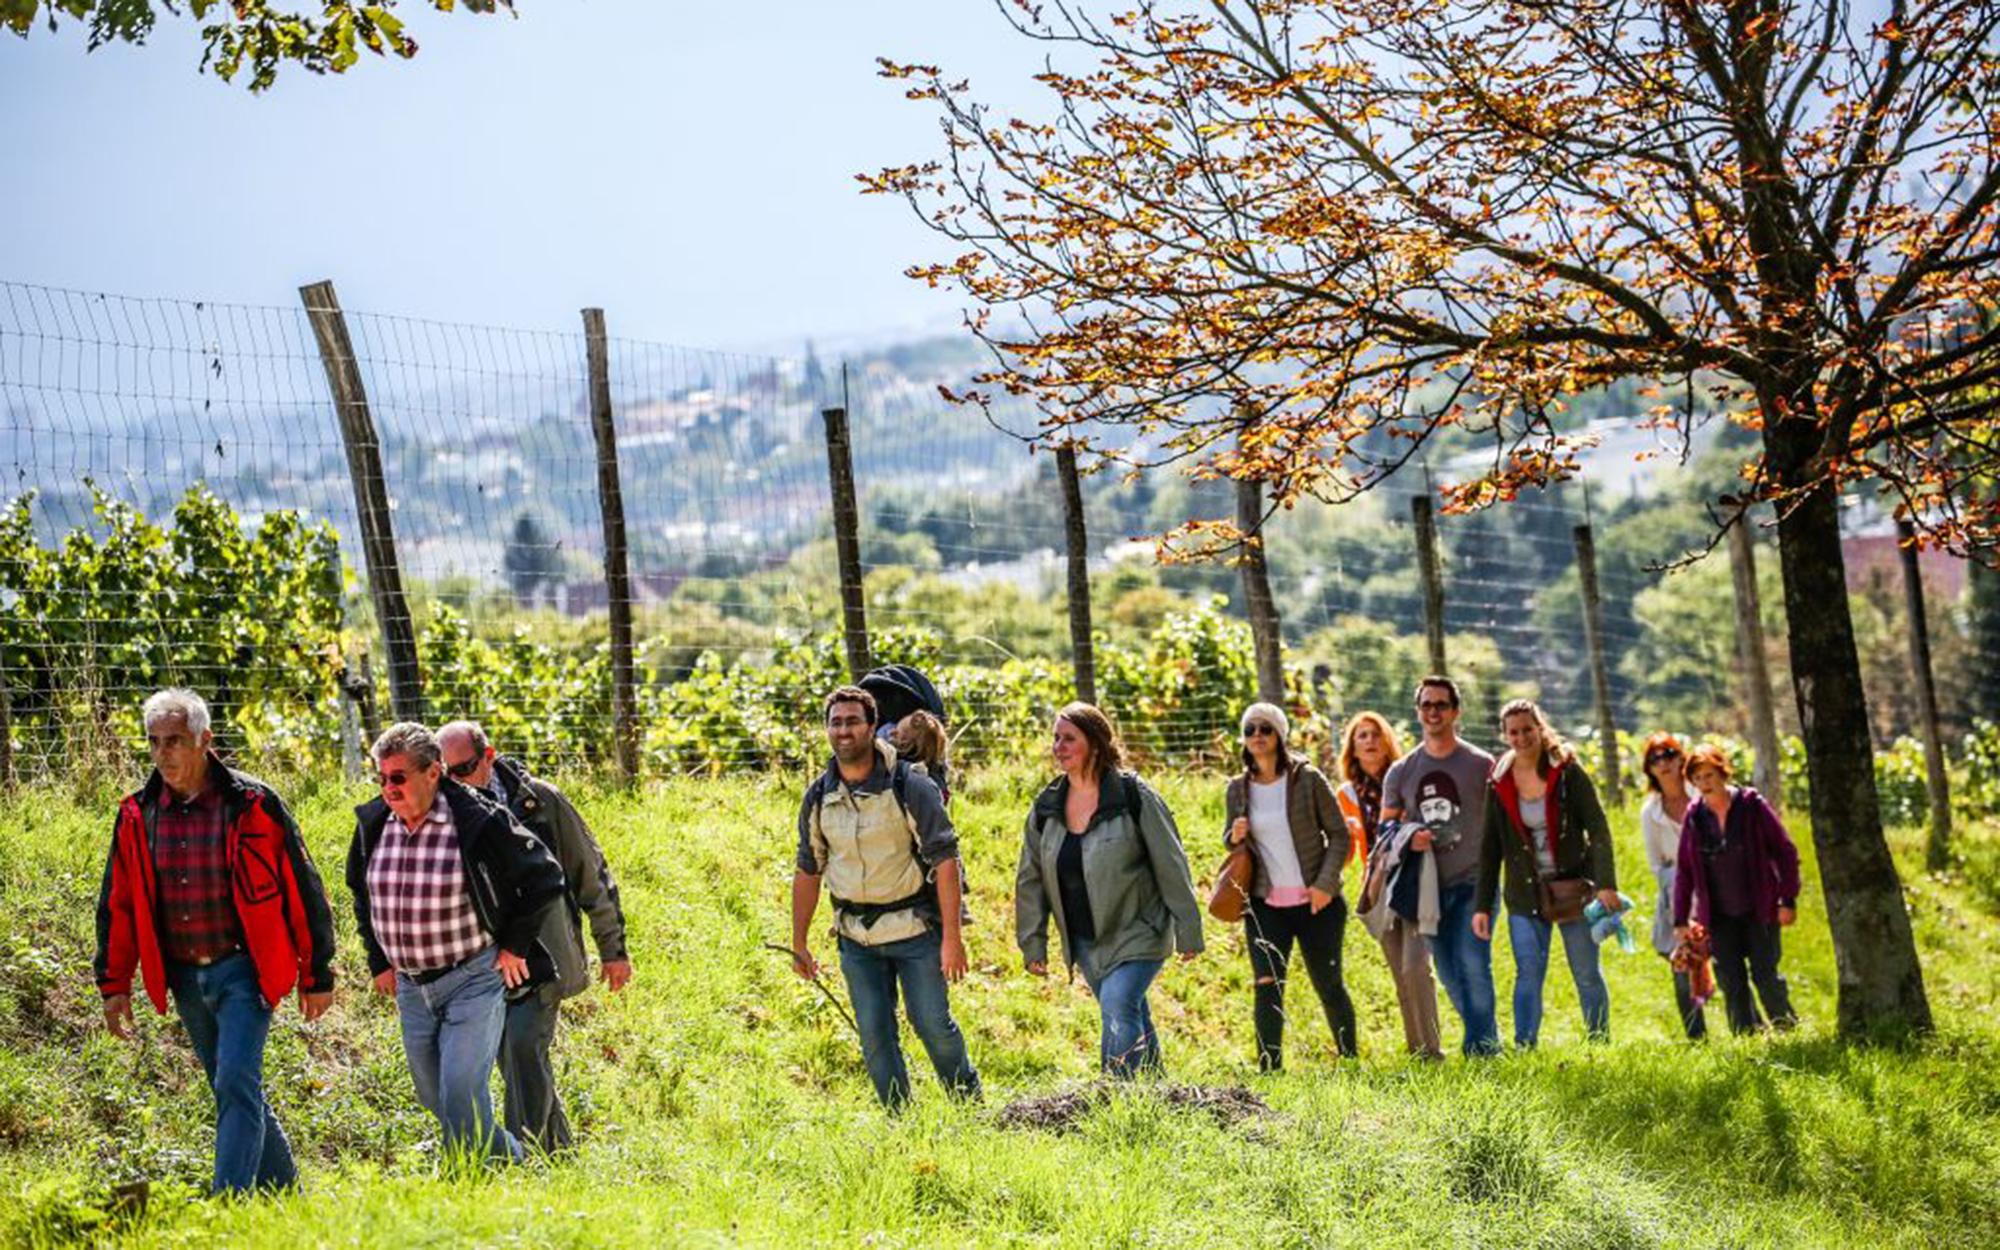 Menschen beim Wandern vor Weinstöcken